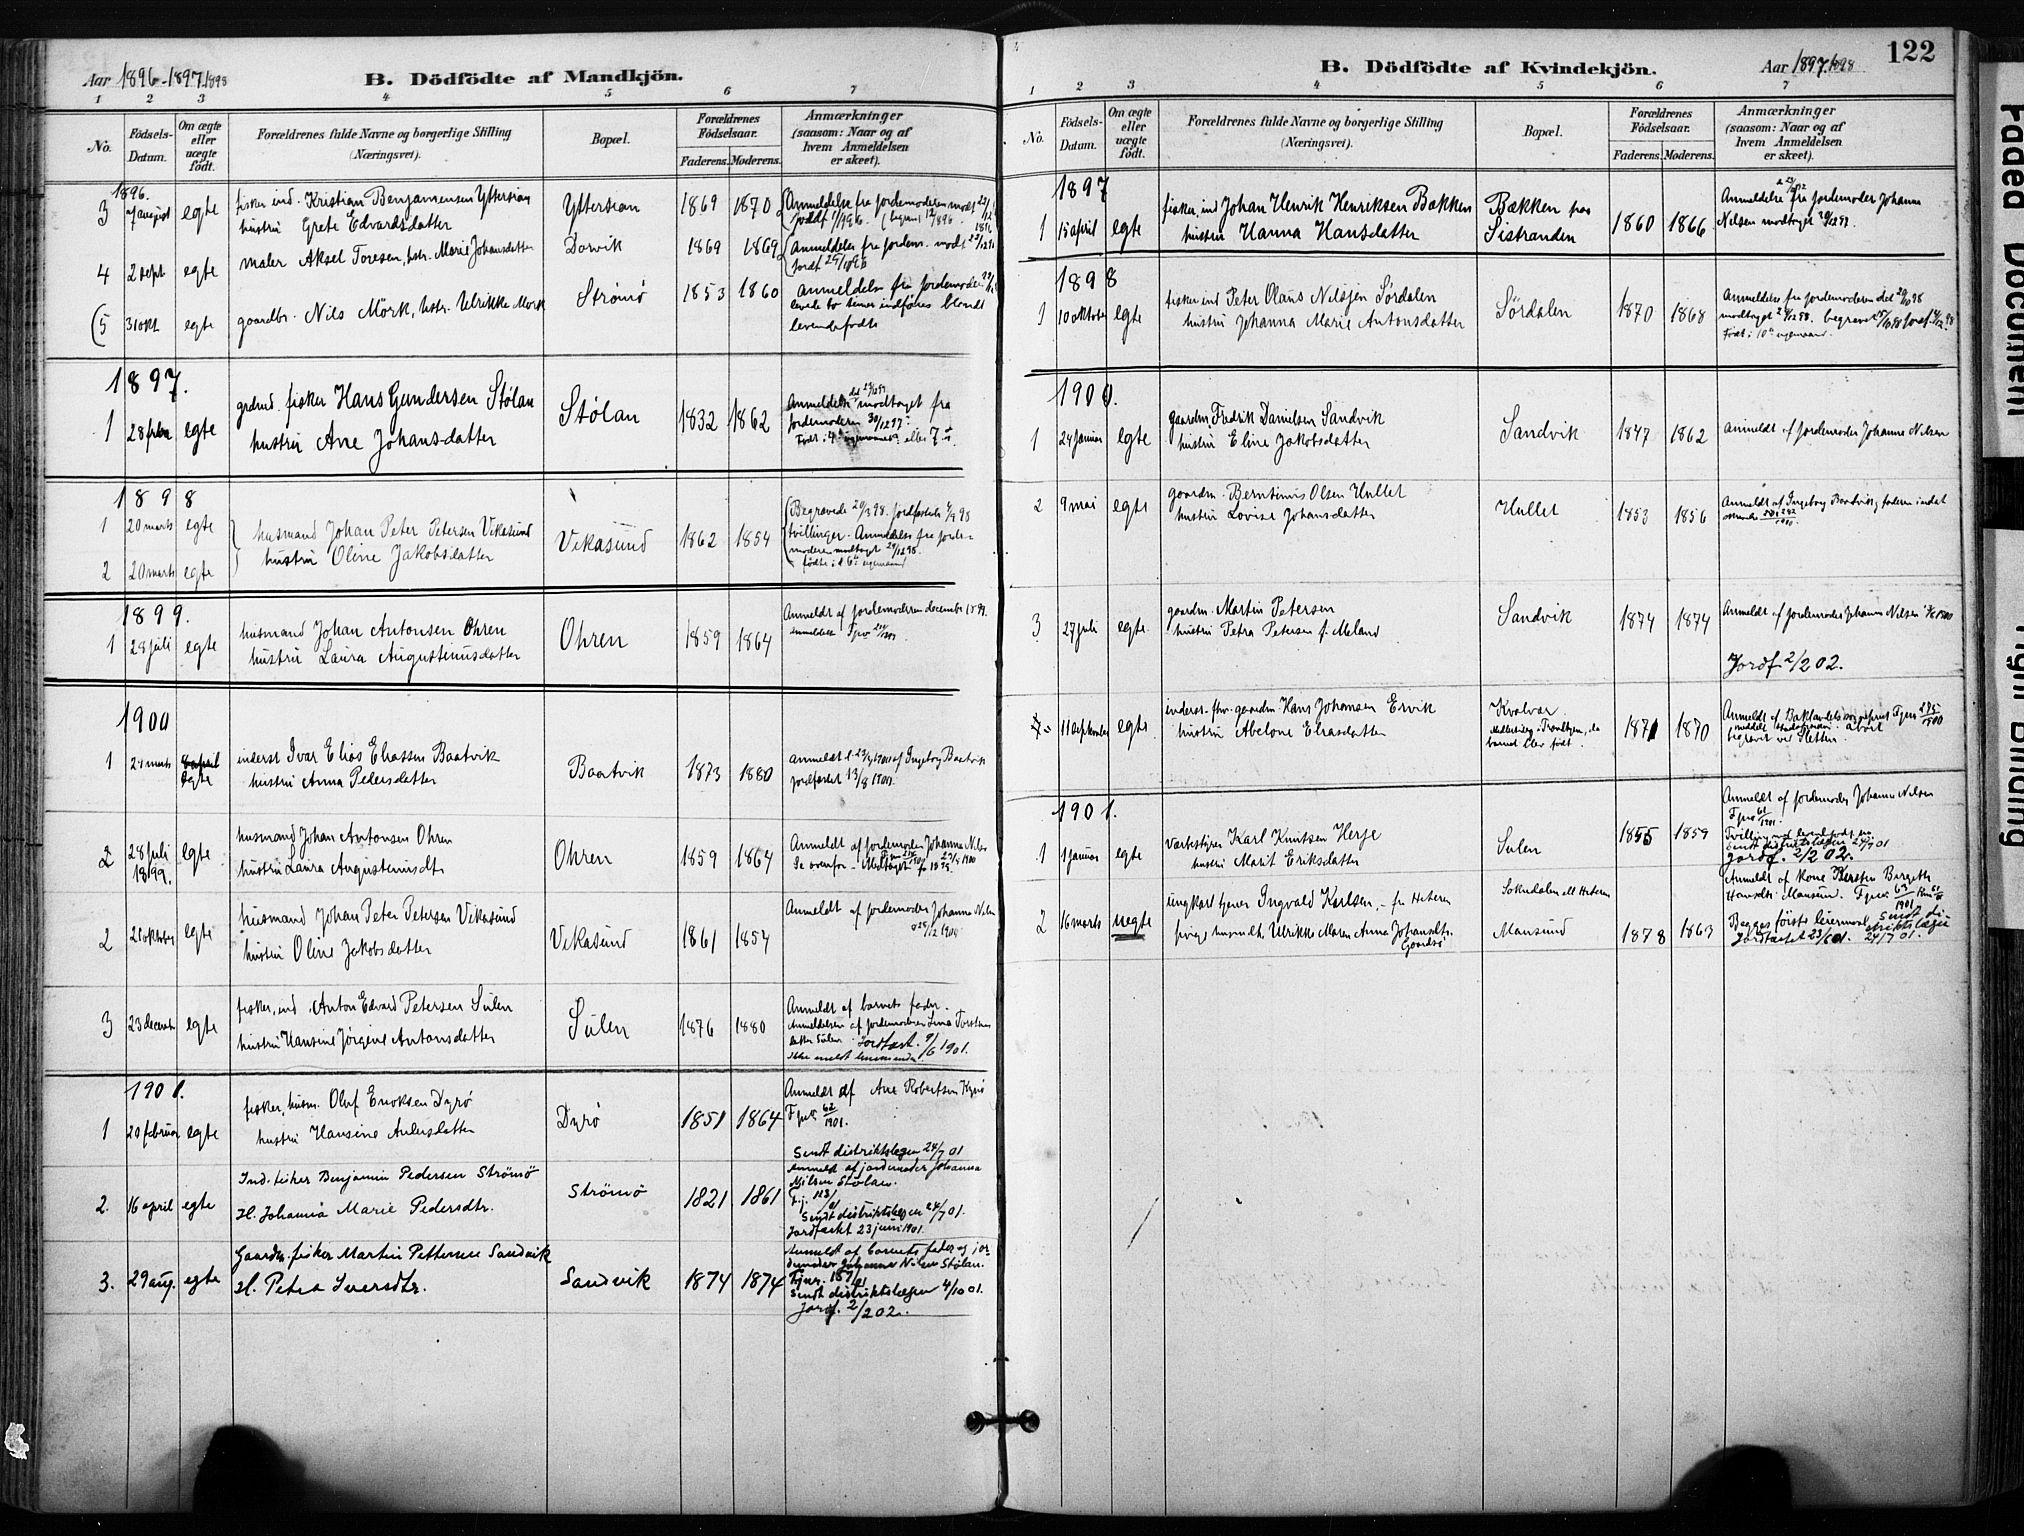 SAT, Ministerialprotokoller, klokkerbøker og fødselsregistre - Sør-Trøndelag, 640/L0579: Ministerialbok nr. 640A04, 1889-1902, s. 122